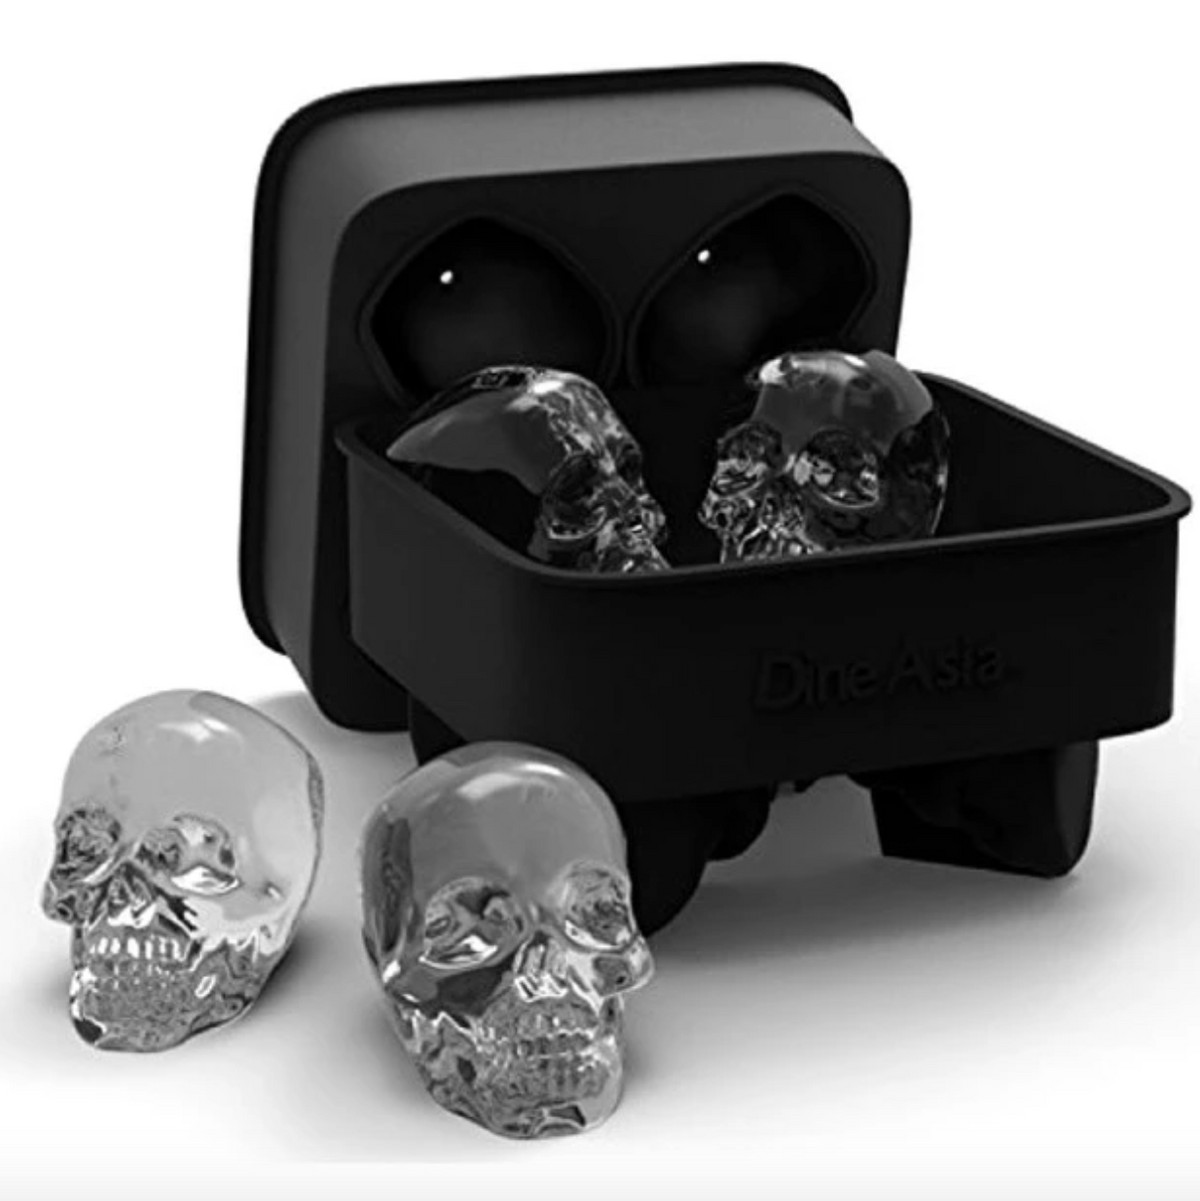 Ice cube tray with skull-shaped ice